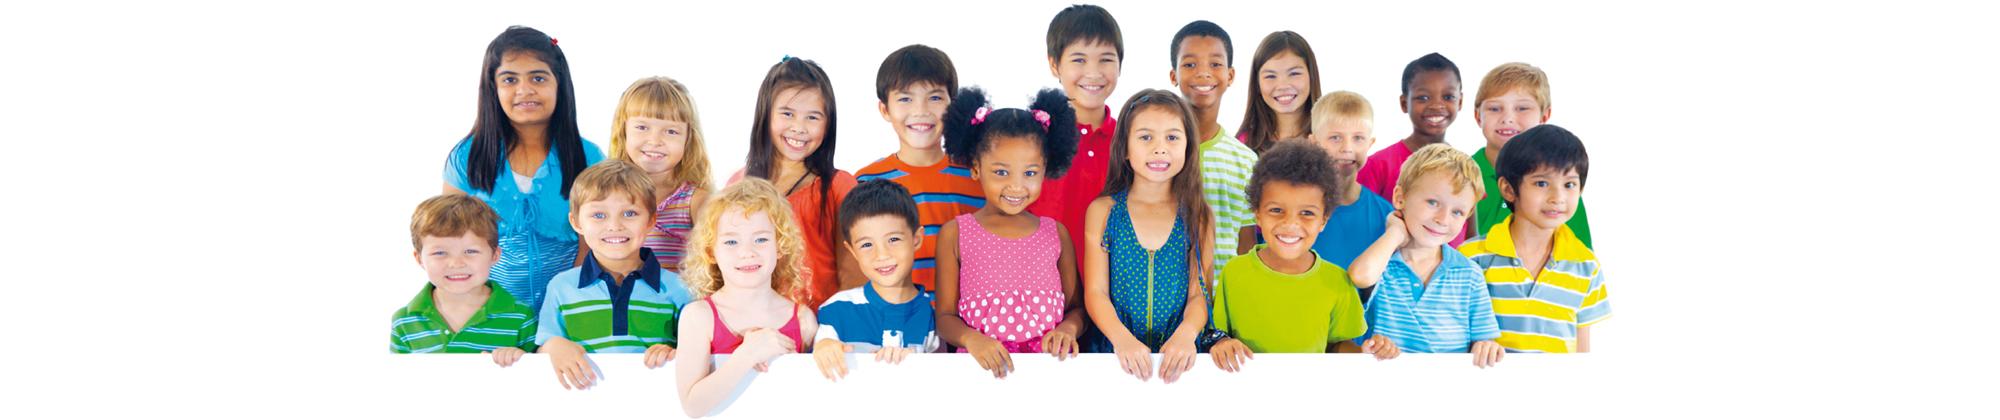 banner-criancas